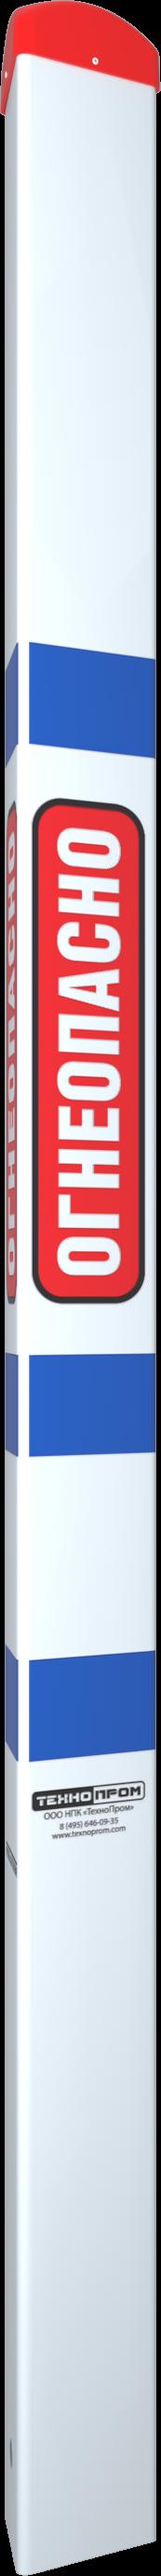 Предупреждающие знаки  ПВЕК «Маркер-Т» (сечение треугольник 180 мм)